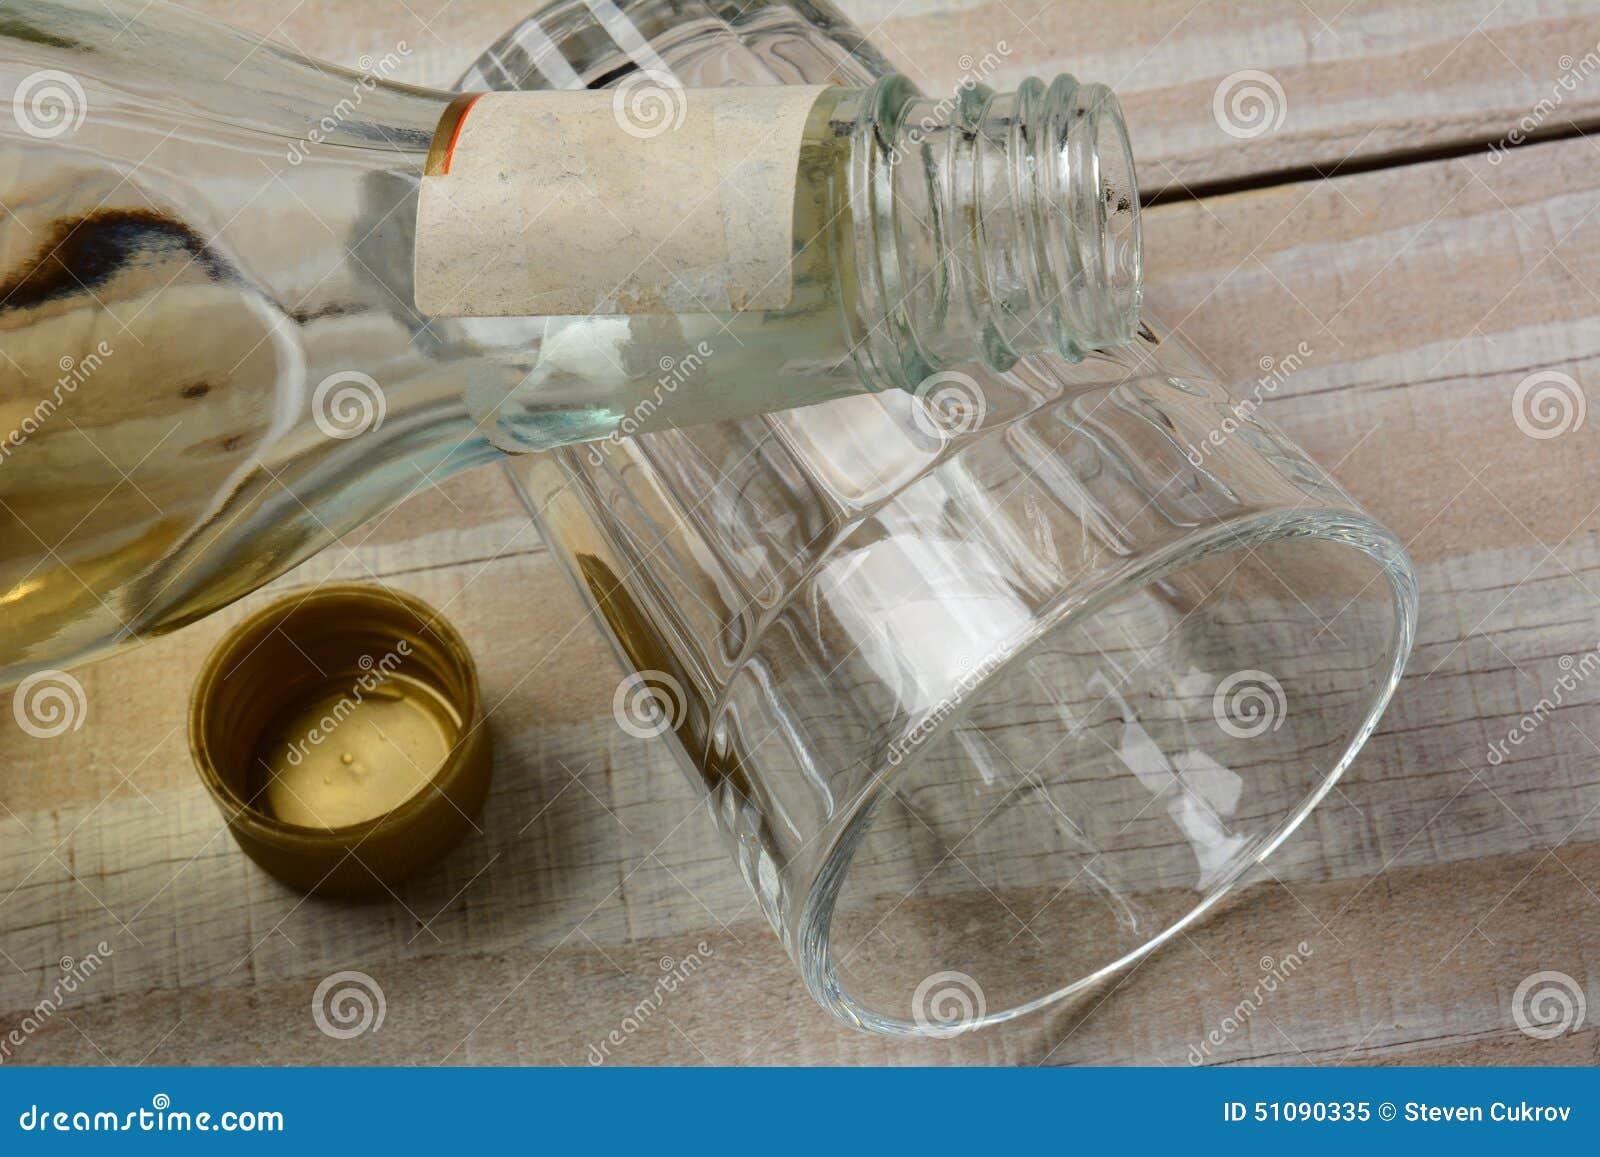 Liquor Bottle On Glass Stock Image. Image Of Liquor